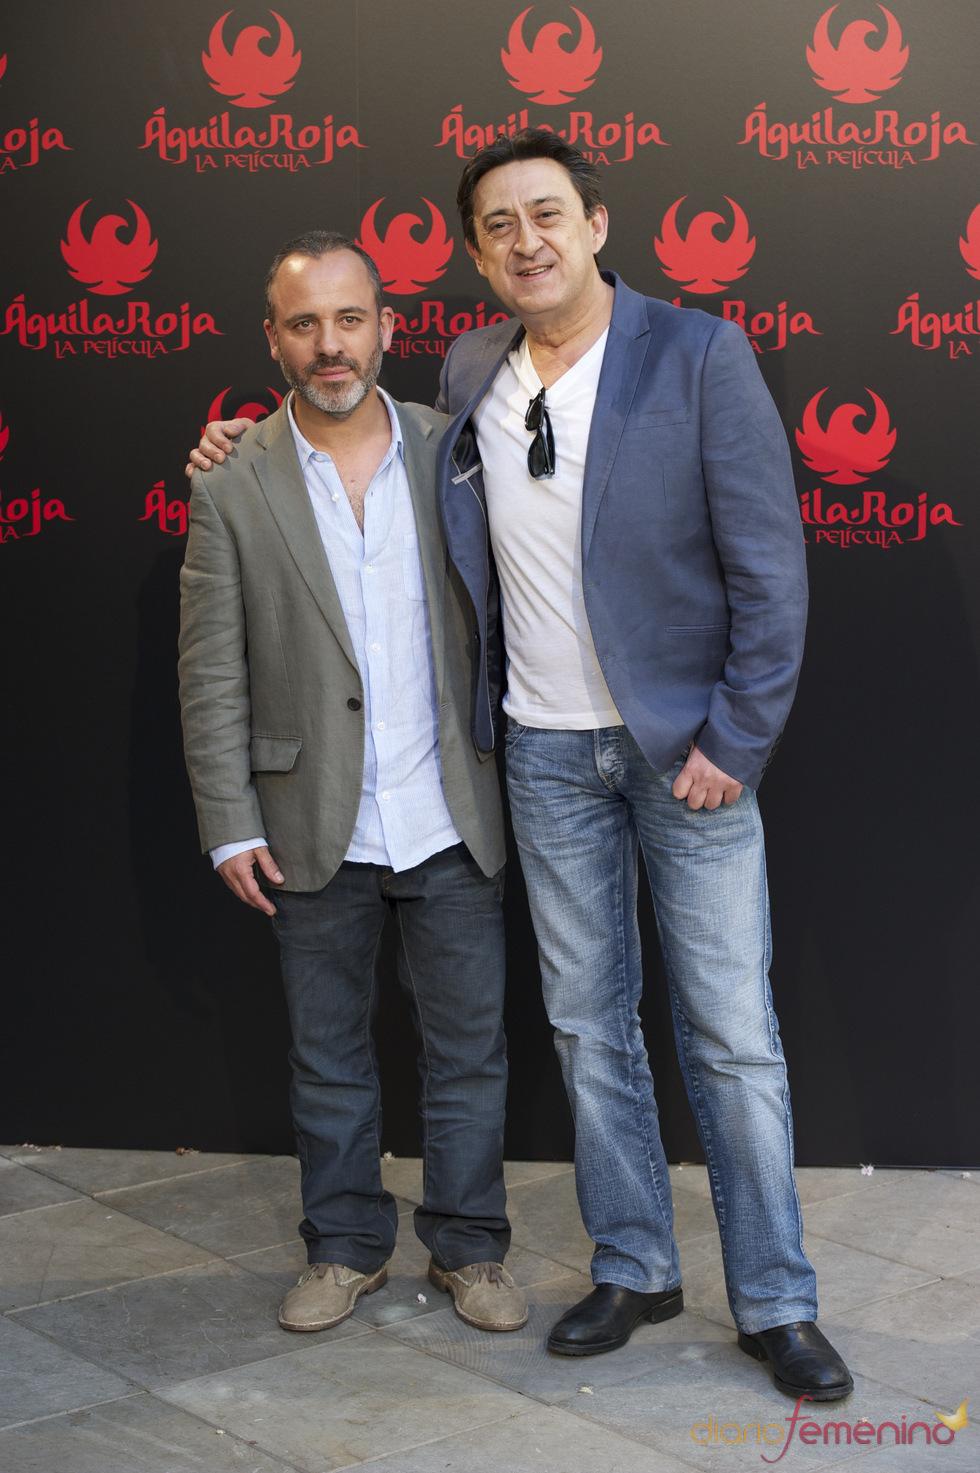 Mariano Peña y Javier Gutierrez en la presentación de 'Águila Roja, la película'